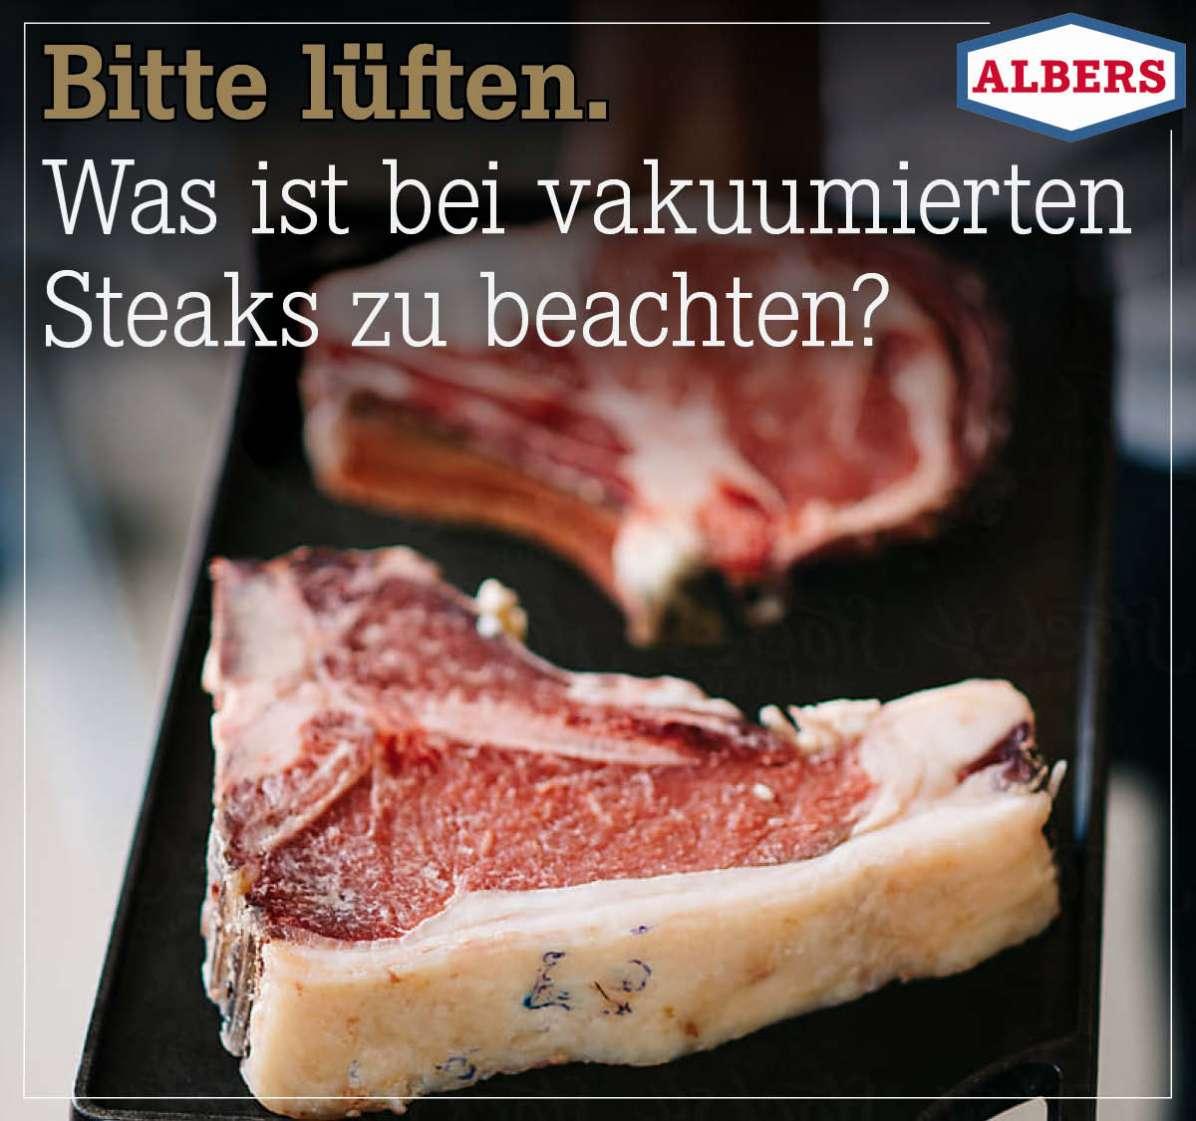 Bitte lüften. Was ist bei vakuumierten Steaks zu beachten?